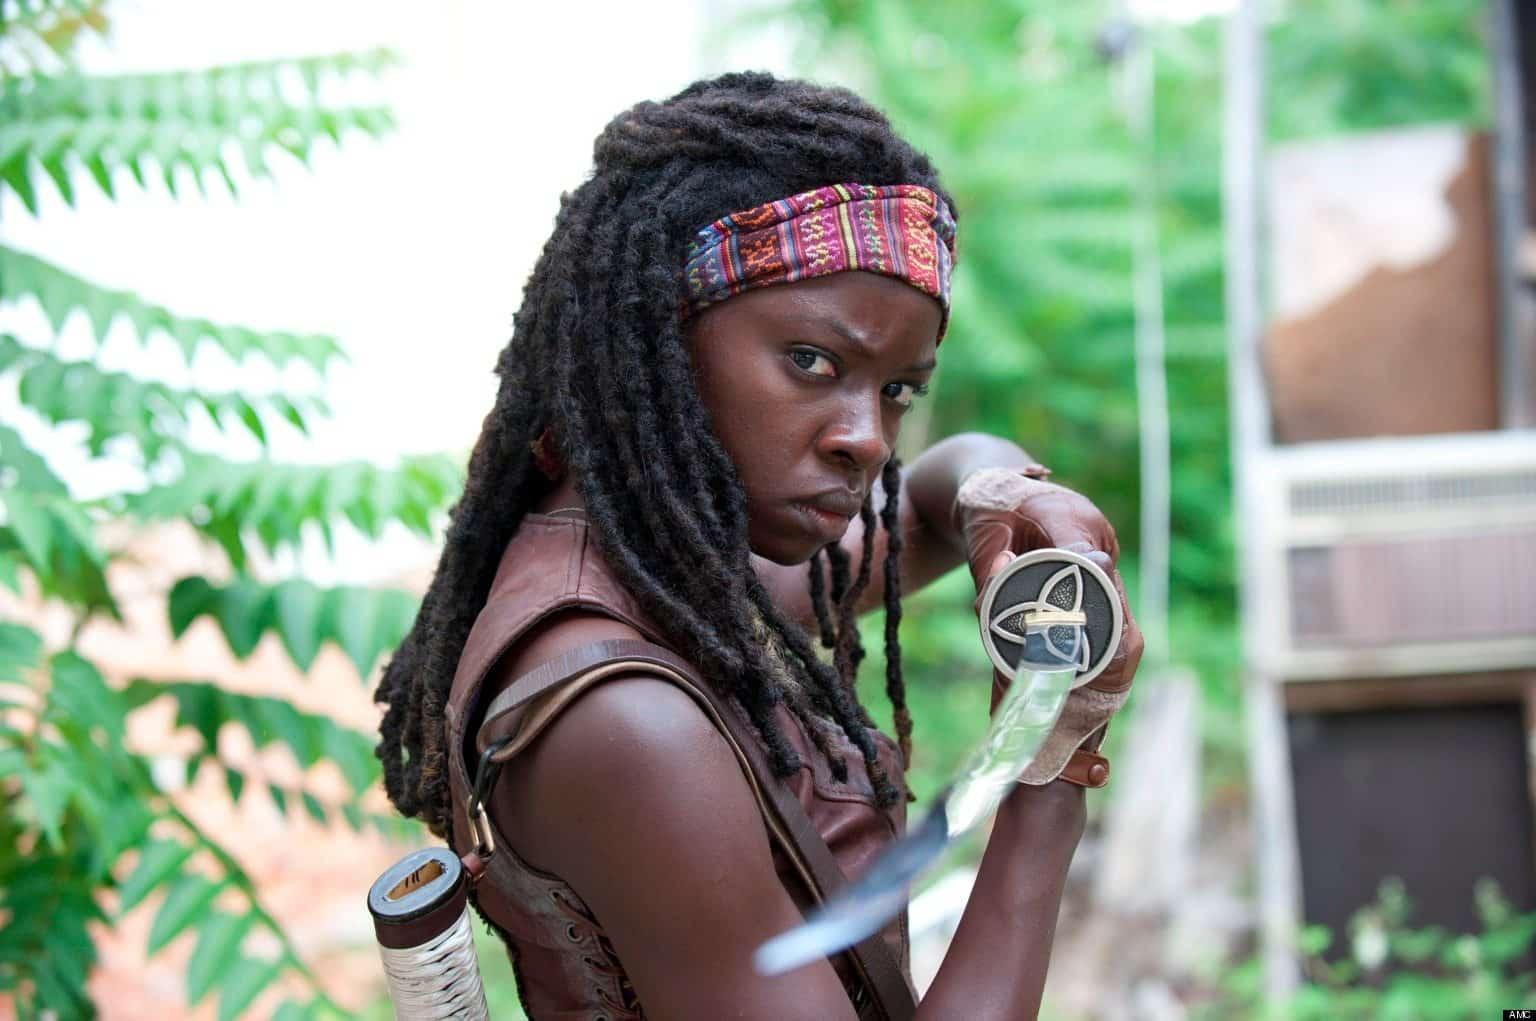 deviata séria The Walking Dead nám prinesie časový skok